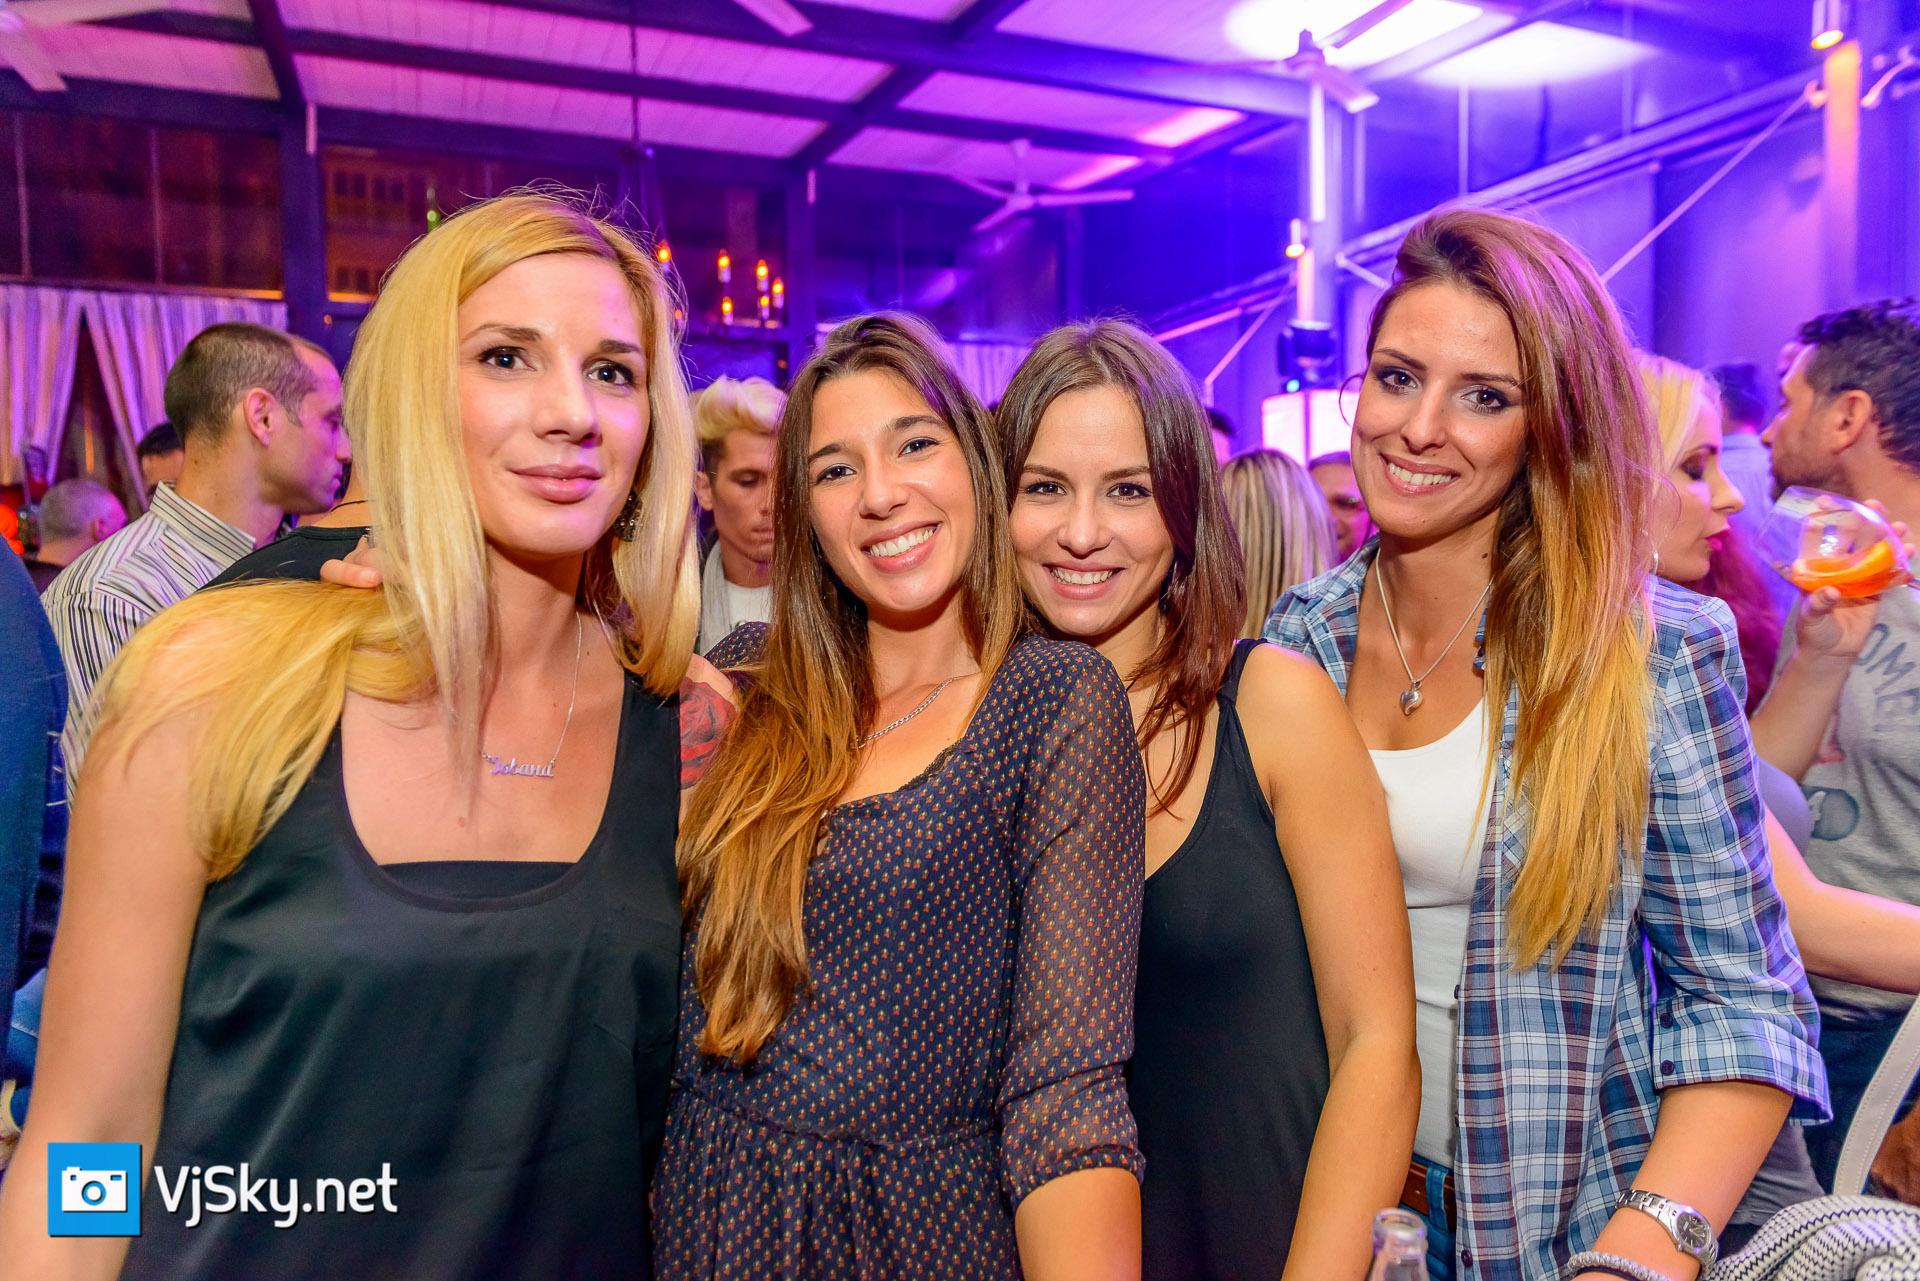 vjsky net informbiro winter lounge otvaranje sezone 22 10 2014 035 Foto izveštaj: Otvaranje nove sezone u Informbirou